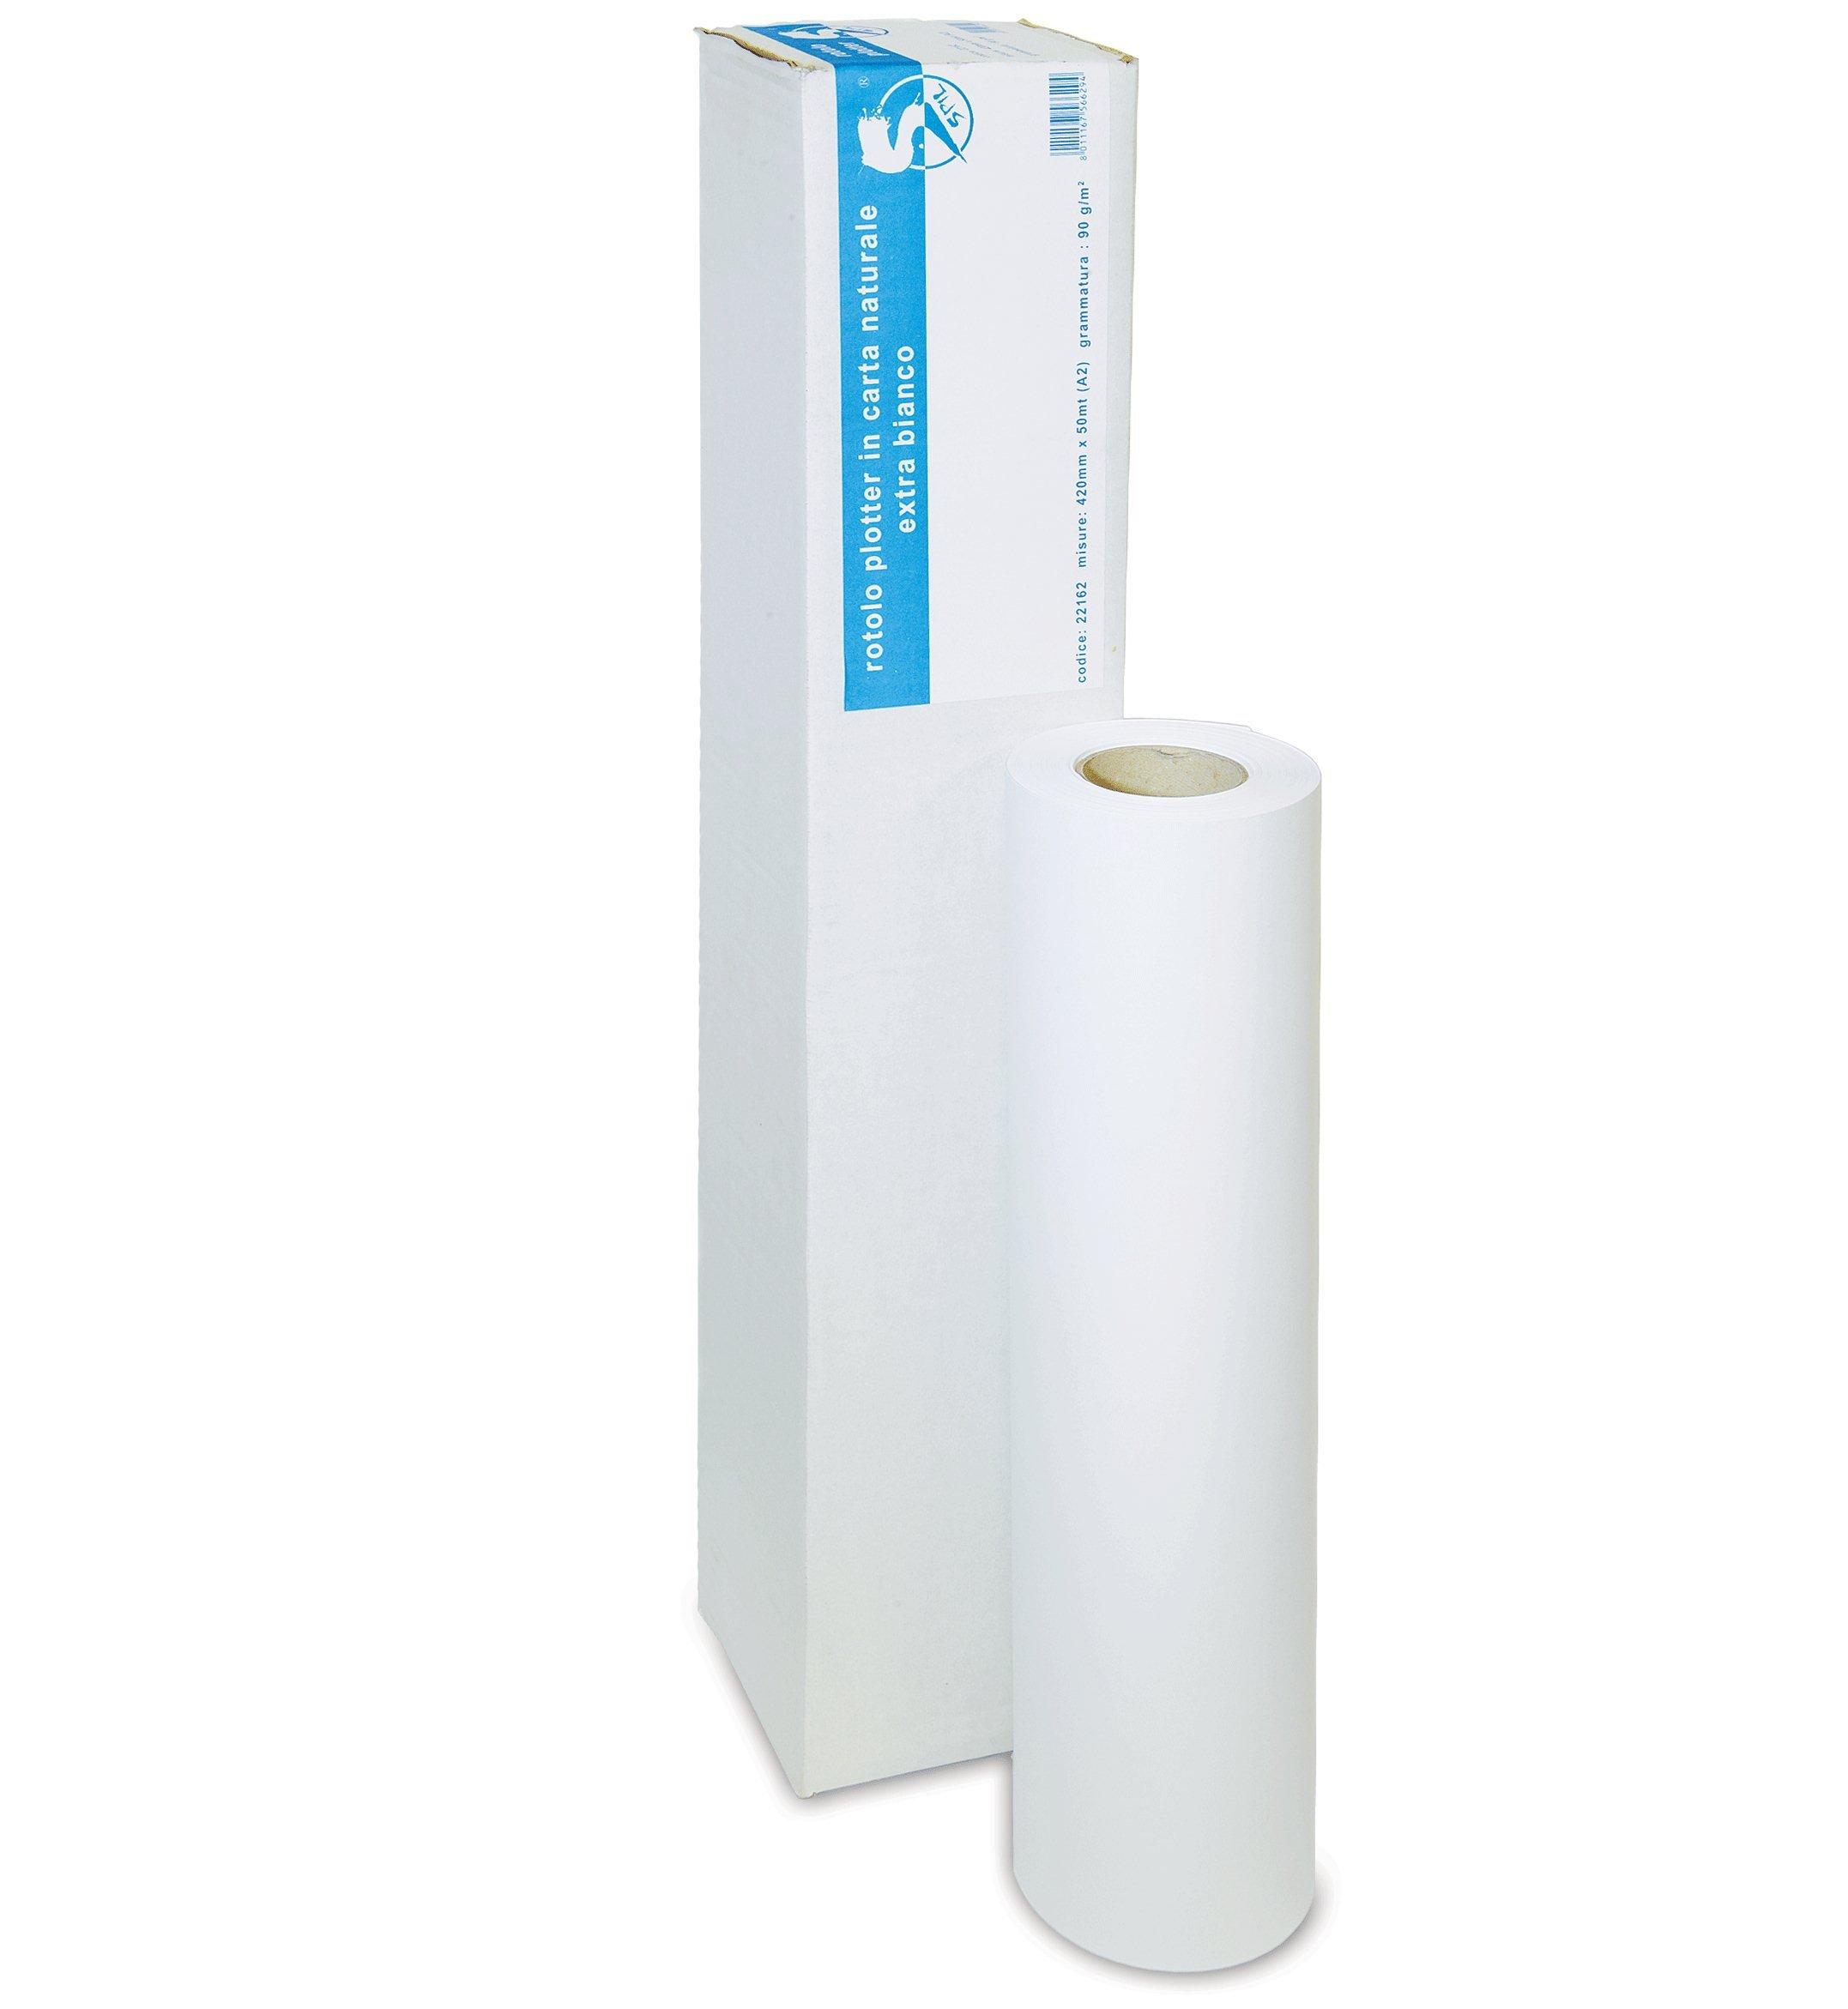 1pz rollo papel Plotter A1 120 gr. mm610 * MT50 * mm50 – Papel mate Gr.120: Amazon.es: Bricolaje y herramientas